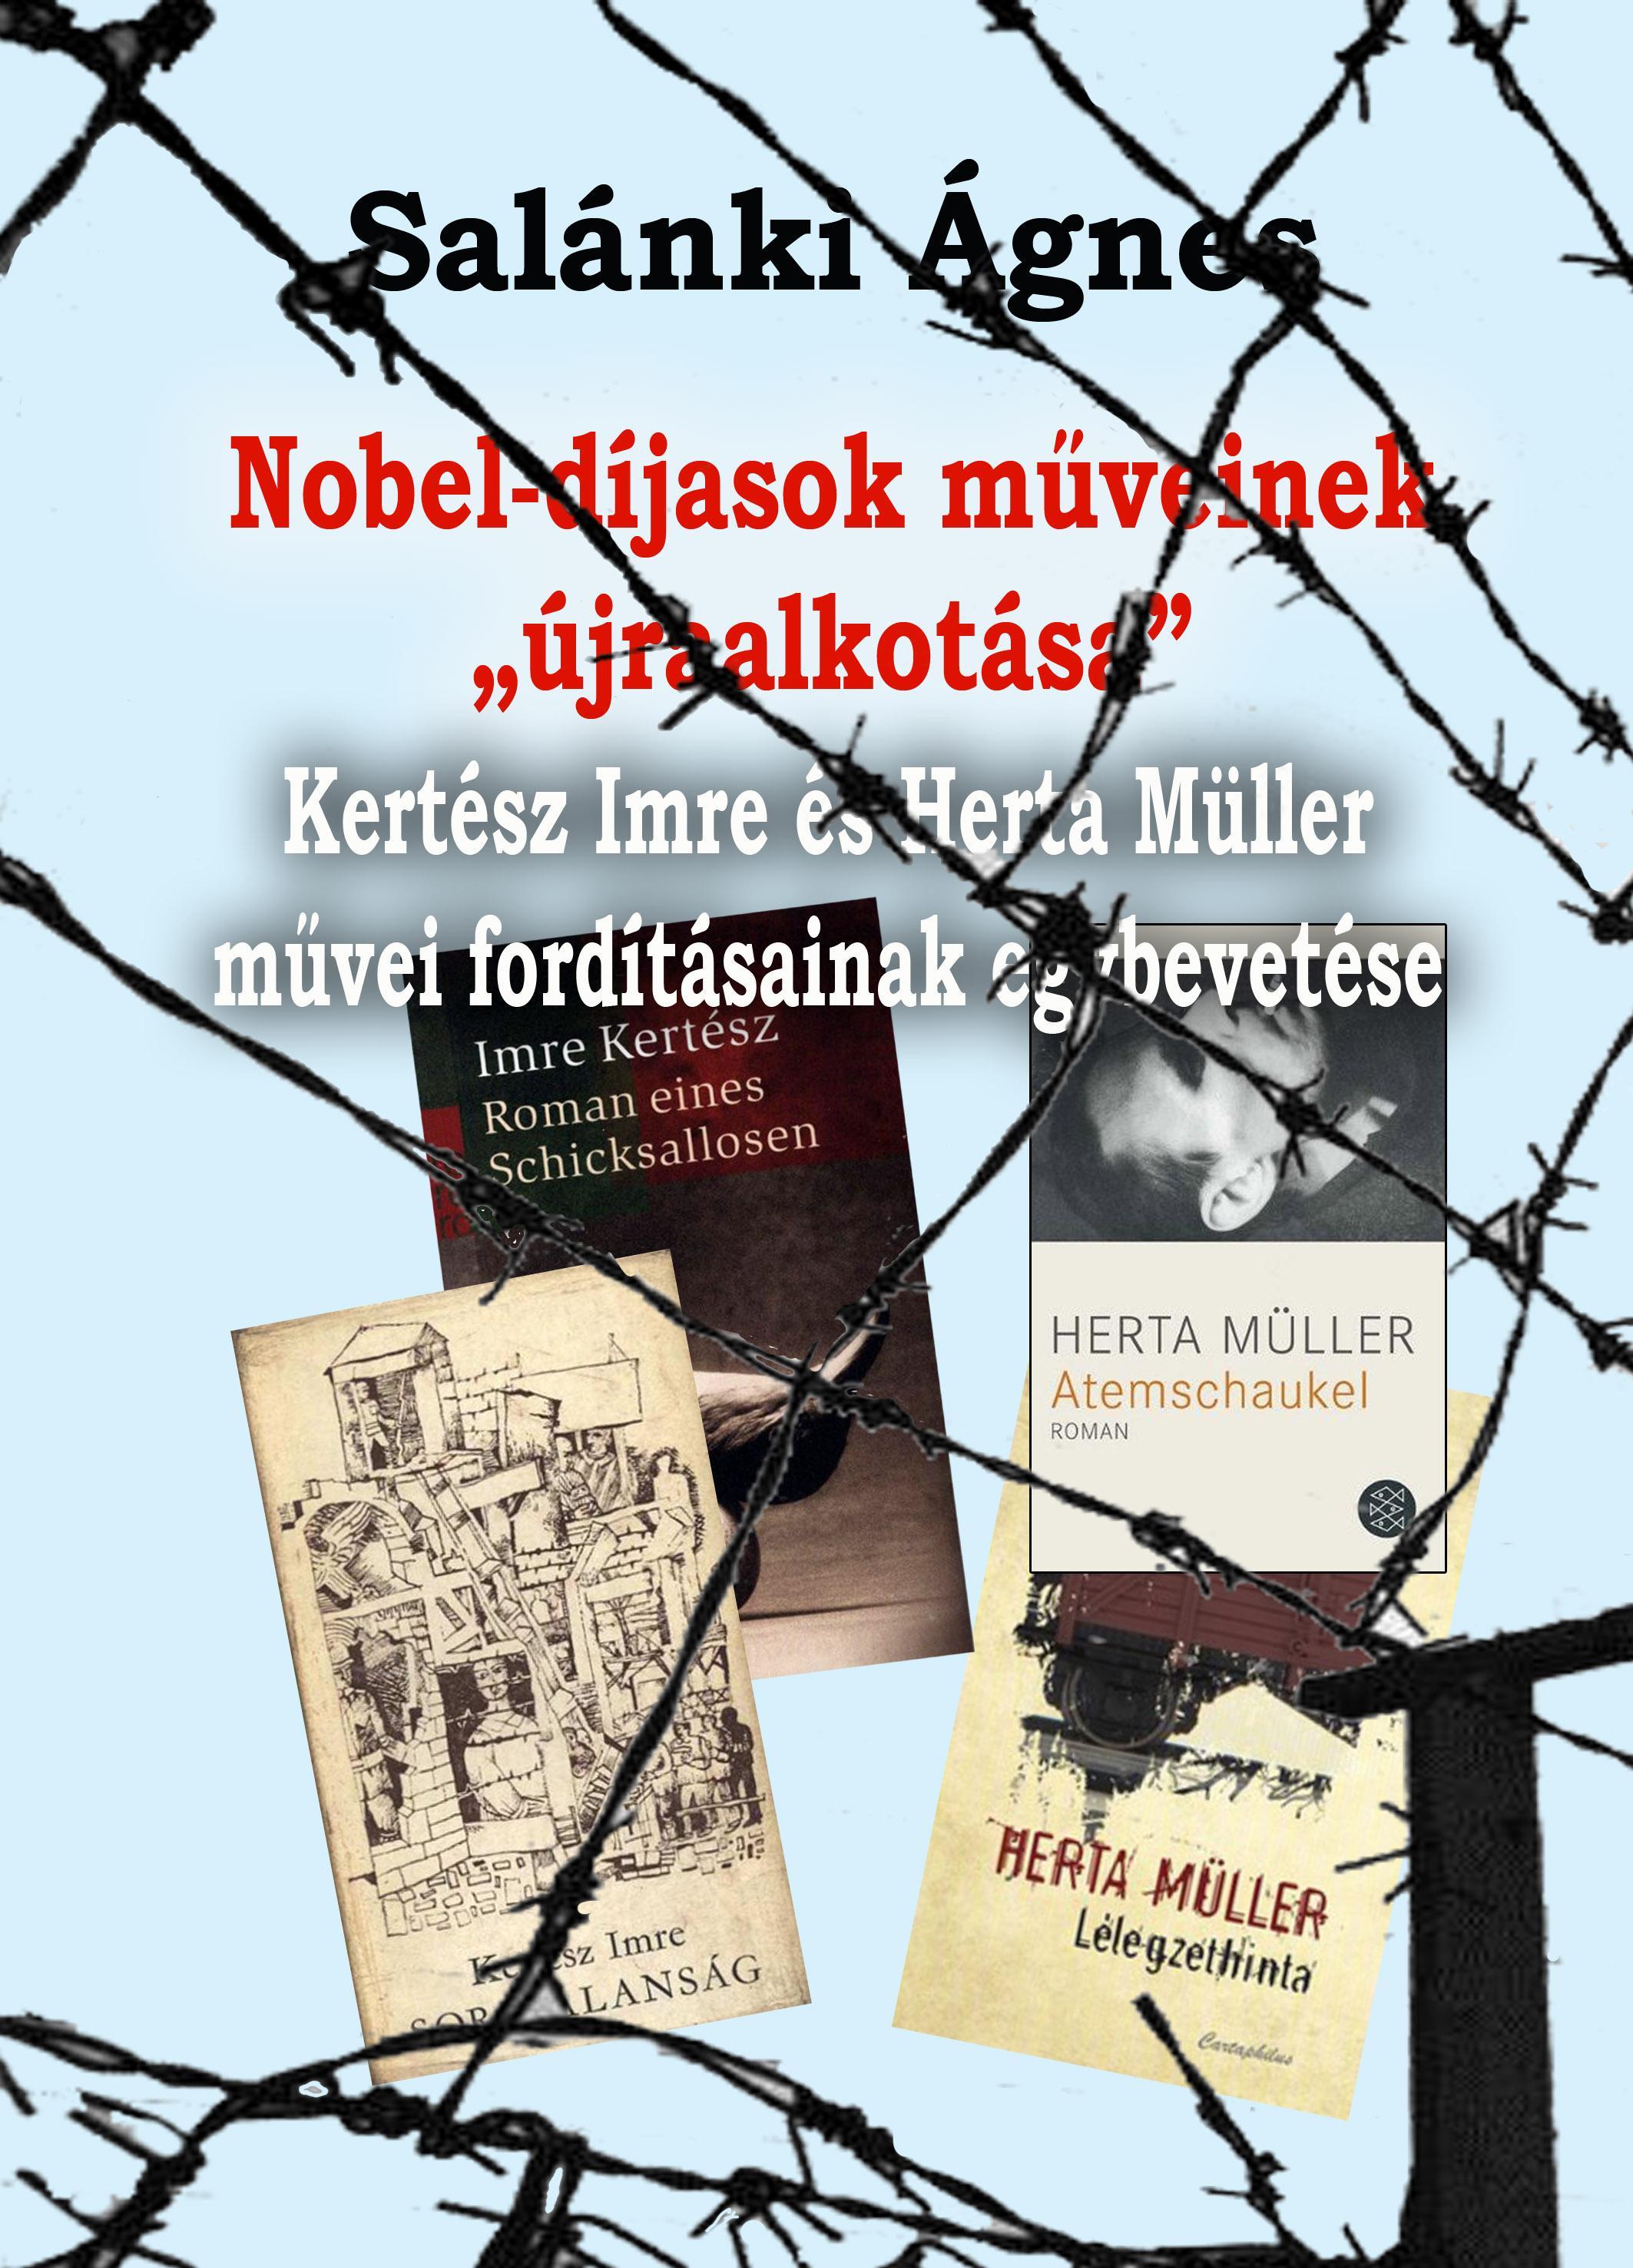 """NOBEL-DÍJASOK MÛVEINEK """"ÚJRAALKOTÁSA"""" - KERTÉSZ IMRE ÉS HERTA MÜLLER MÛVEI FORD."""